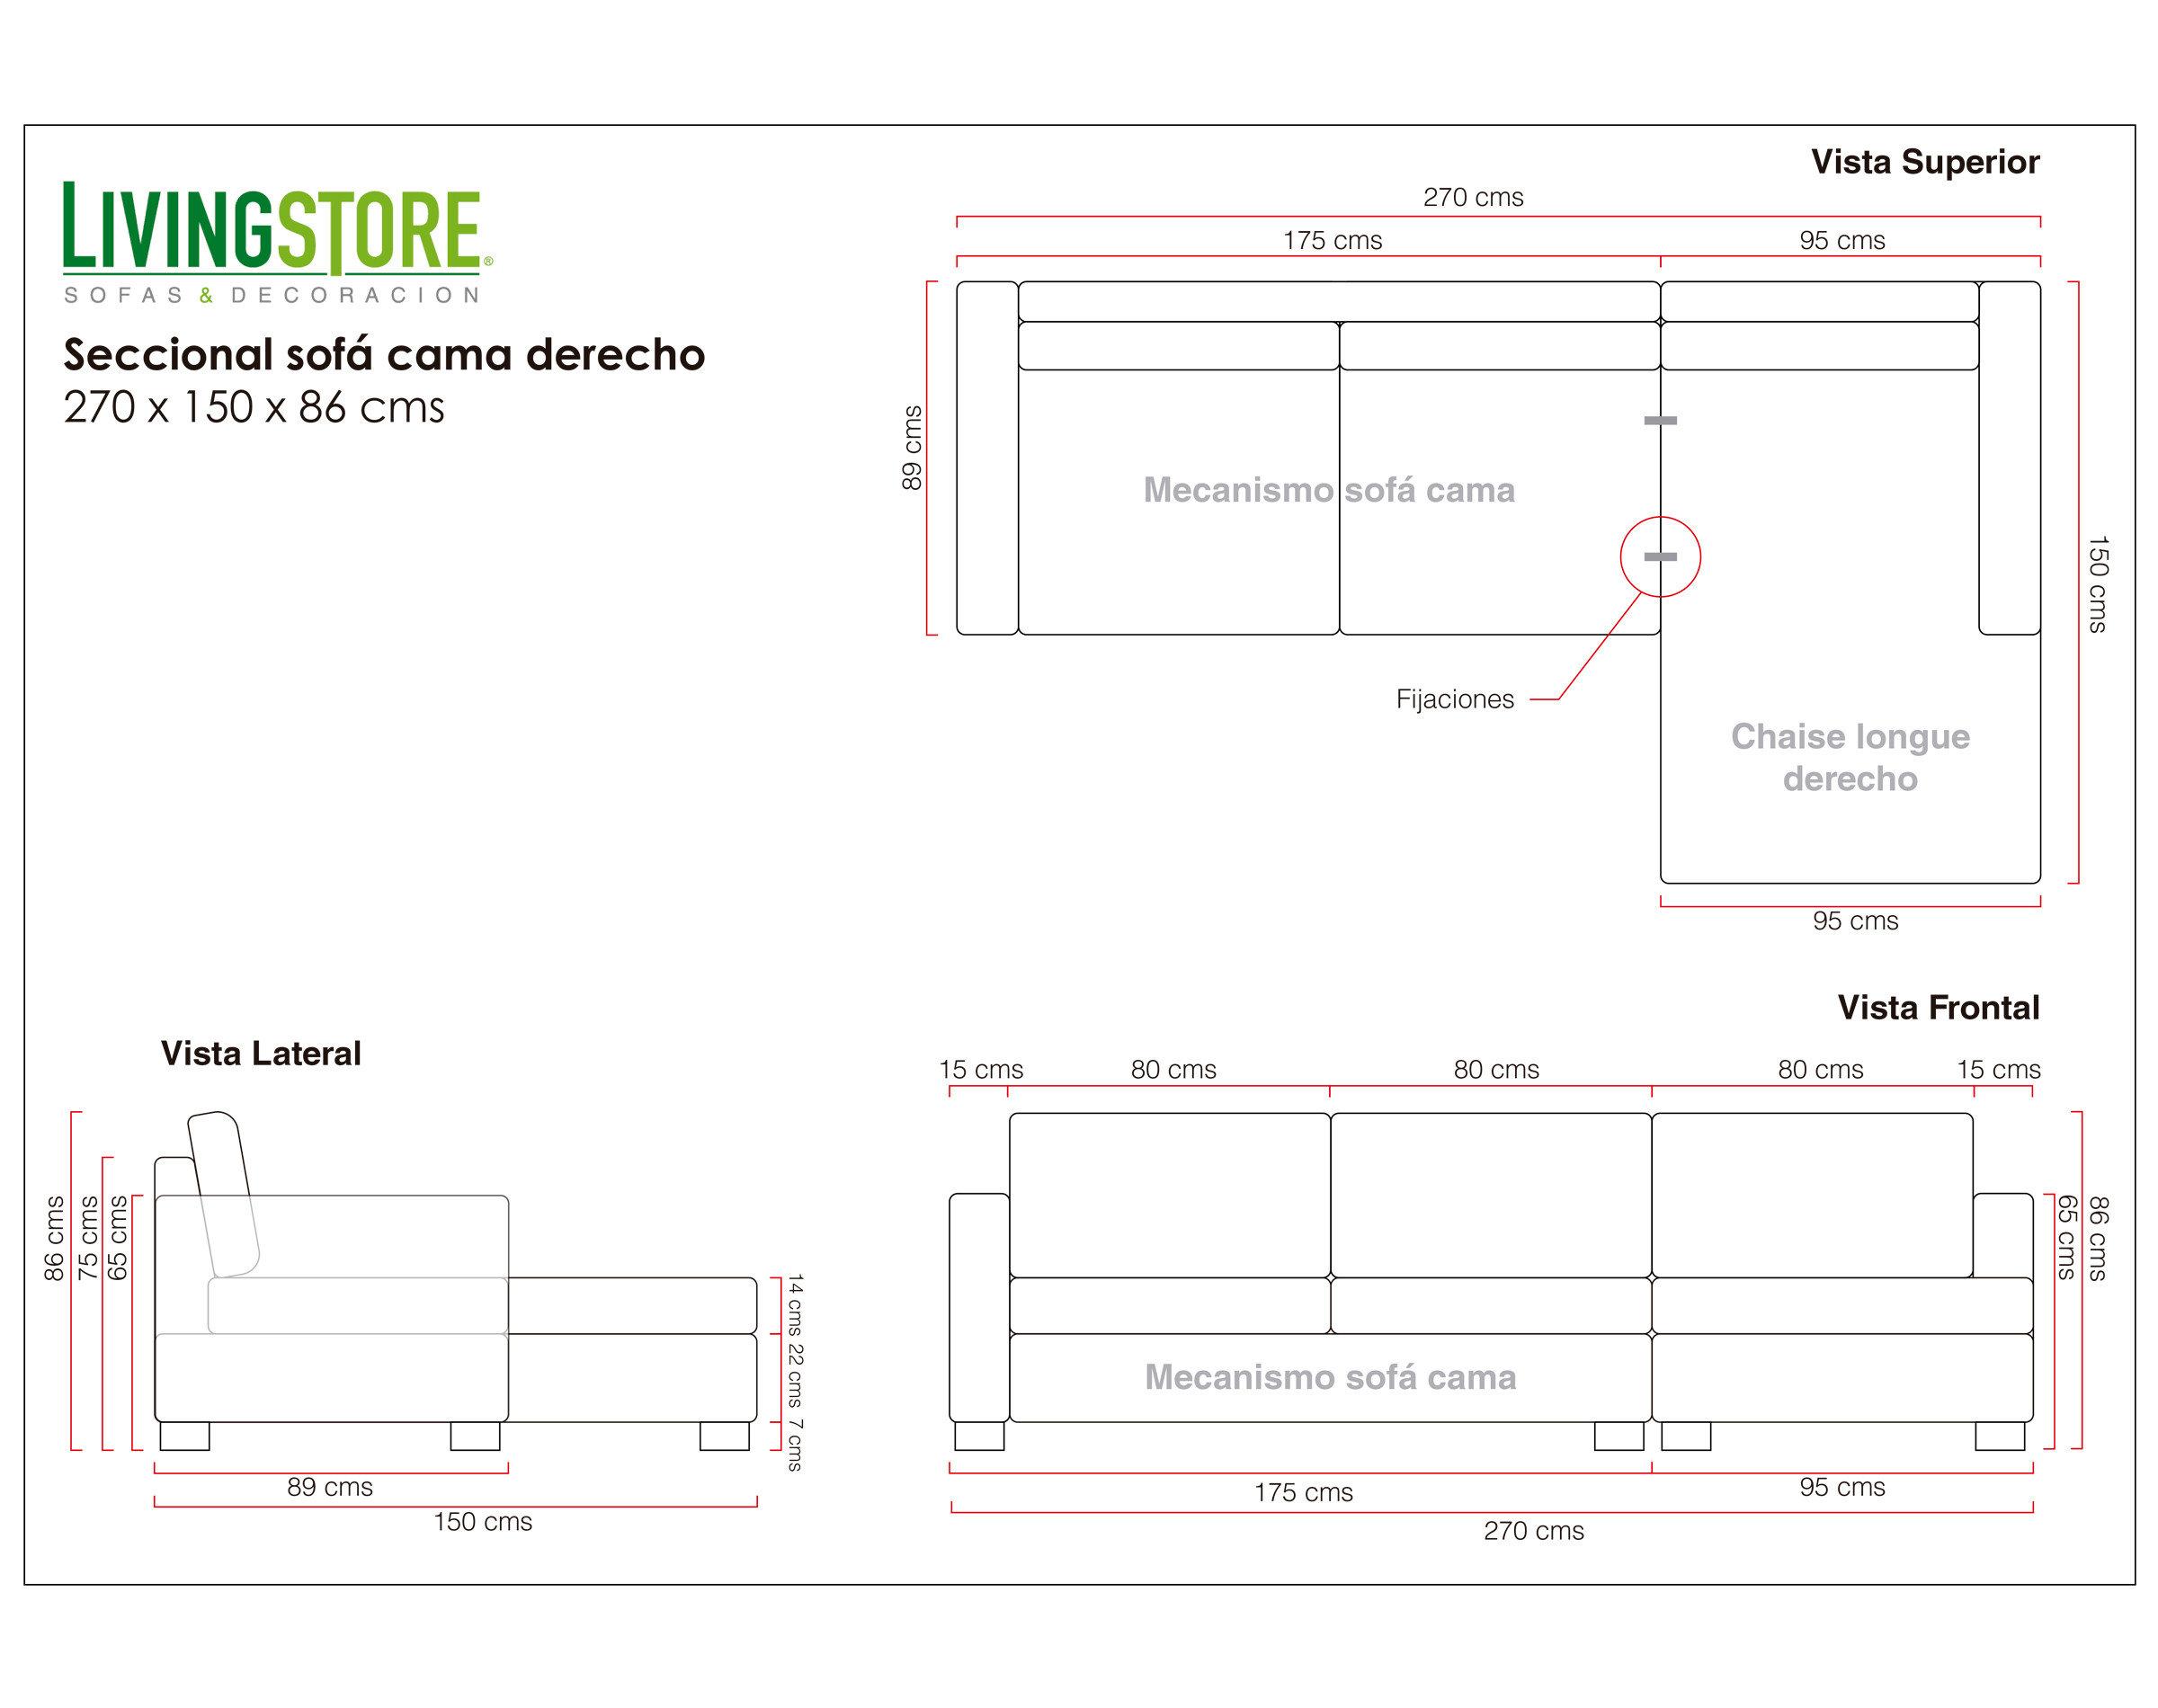 Sofá Cama Seccional Chaise Longue Derecho Bariloche Alto Tráfico Color Arena Planimetría